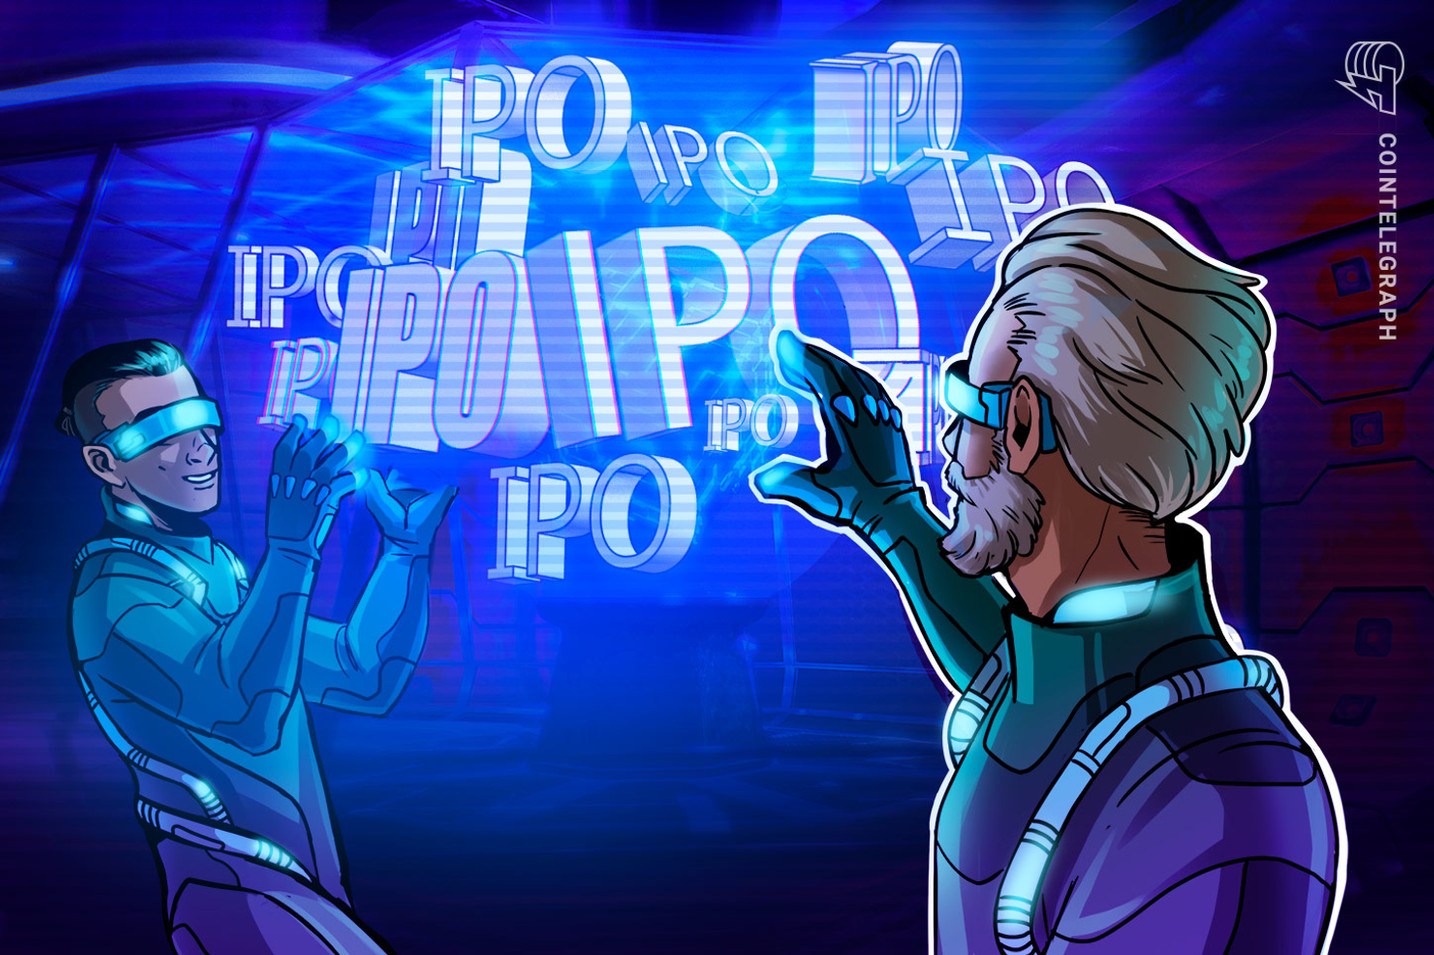 中国のフィンテック企業ワンコネクト、来週にも米国でIPO | ブロックチェーンやAIを使った金融サービス【ニュース】